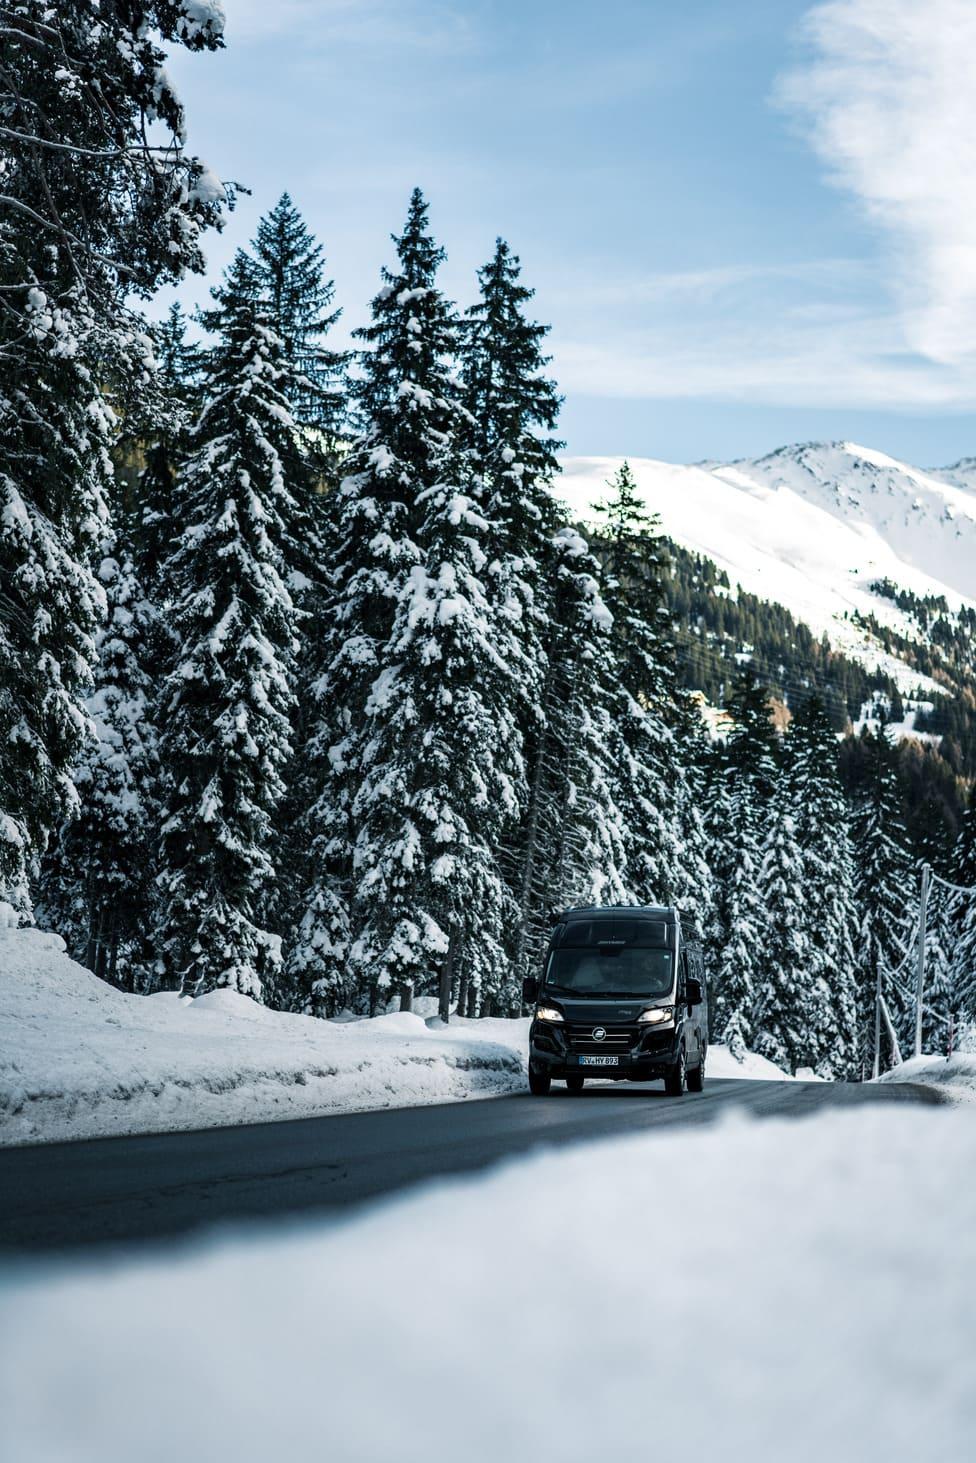 Ein Wohnmobil auf einer winterlichen Landstraße - Roadtrip Chris Gollhofer Lifestyle Fotografie